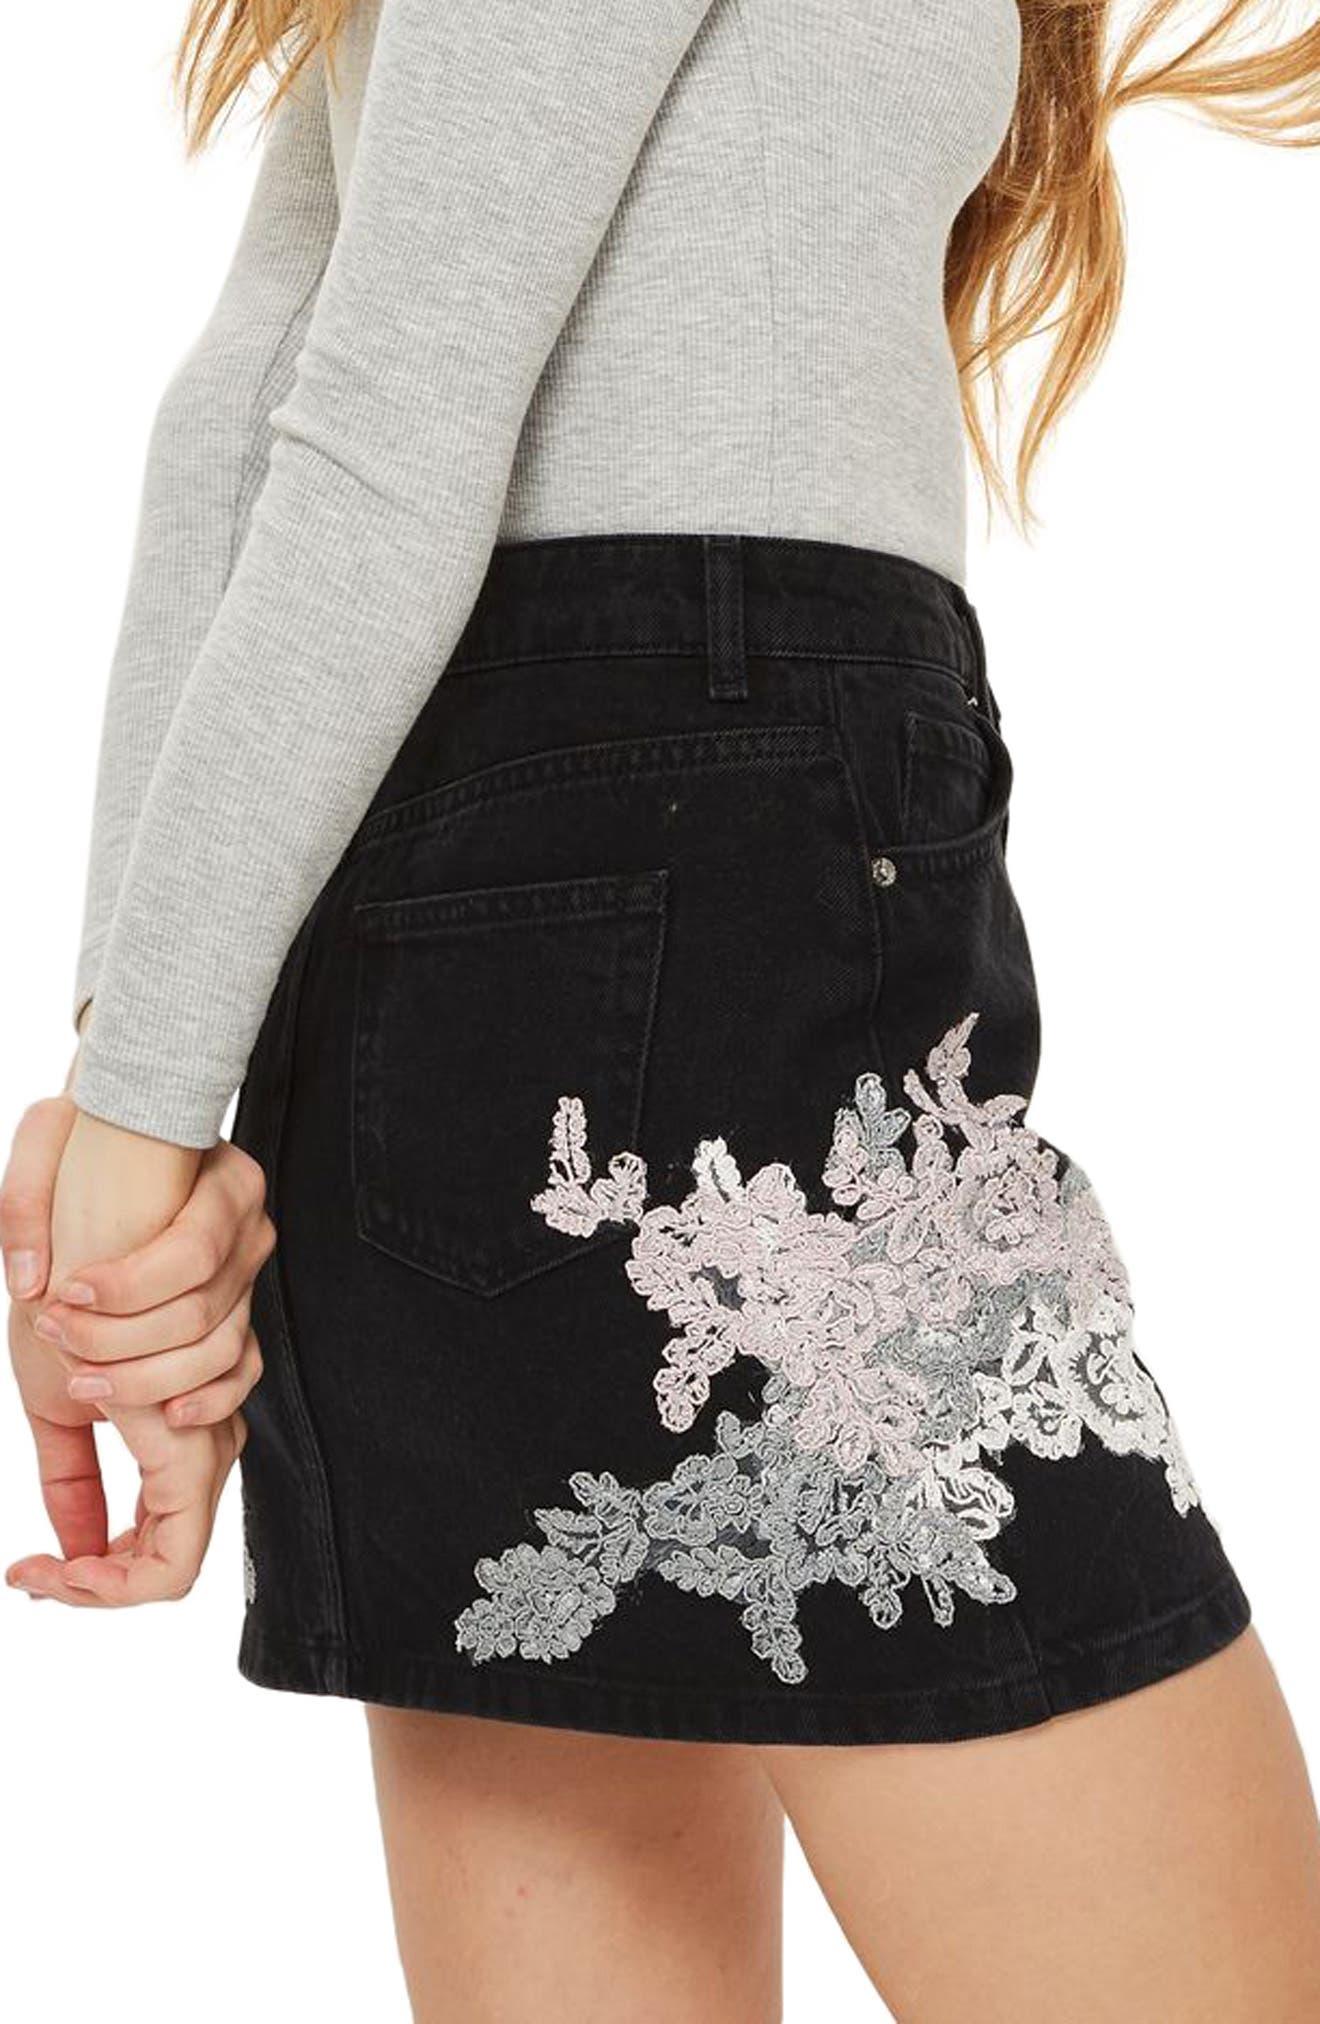 Lace Appliqué Denim Skirt,                             Alternate thumbnail 3, color,                             Black Multi